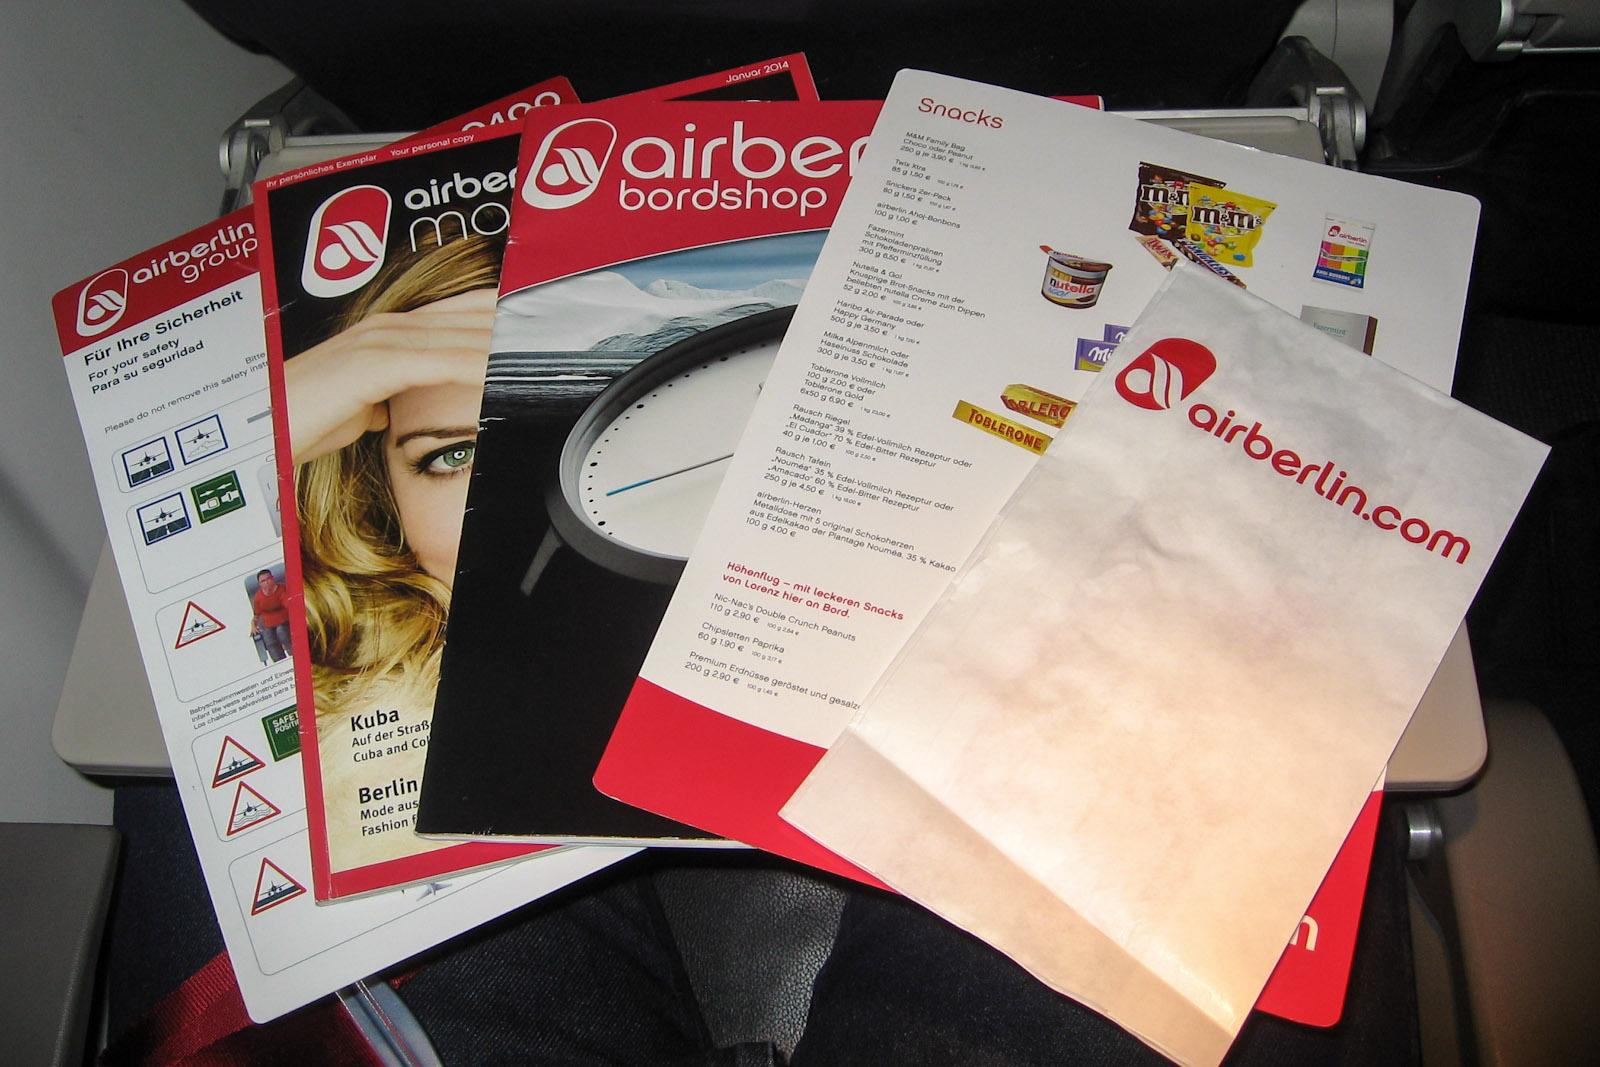 Печатная продукция на рейсе авиакомпании airberlin